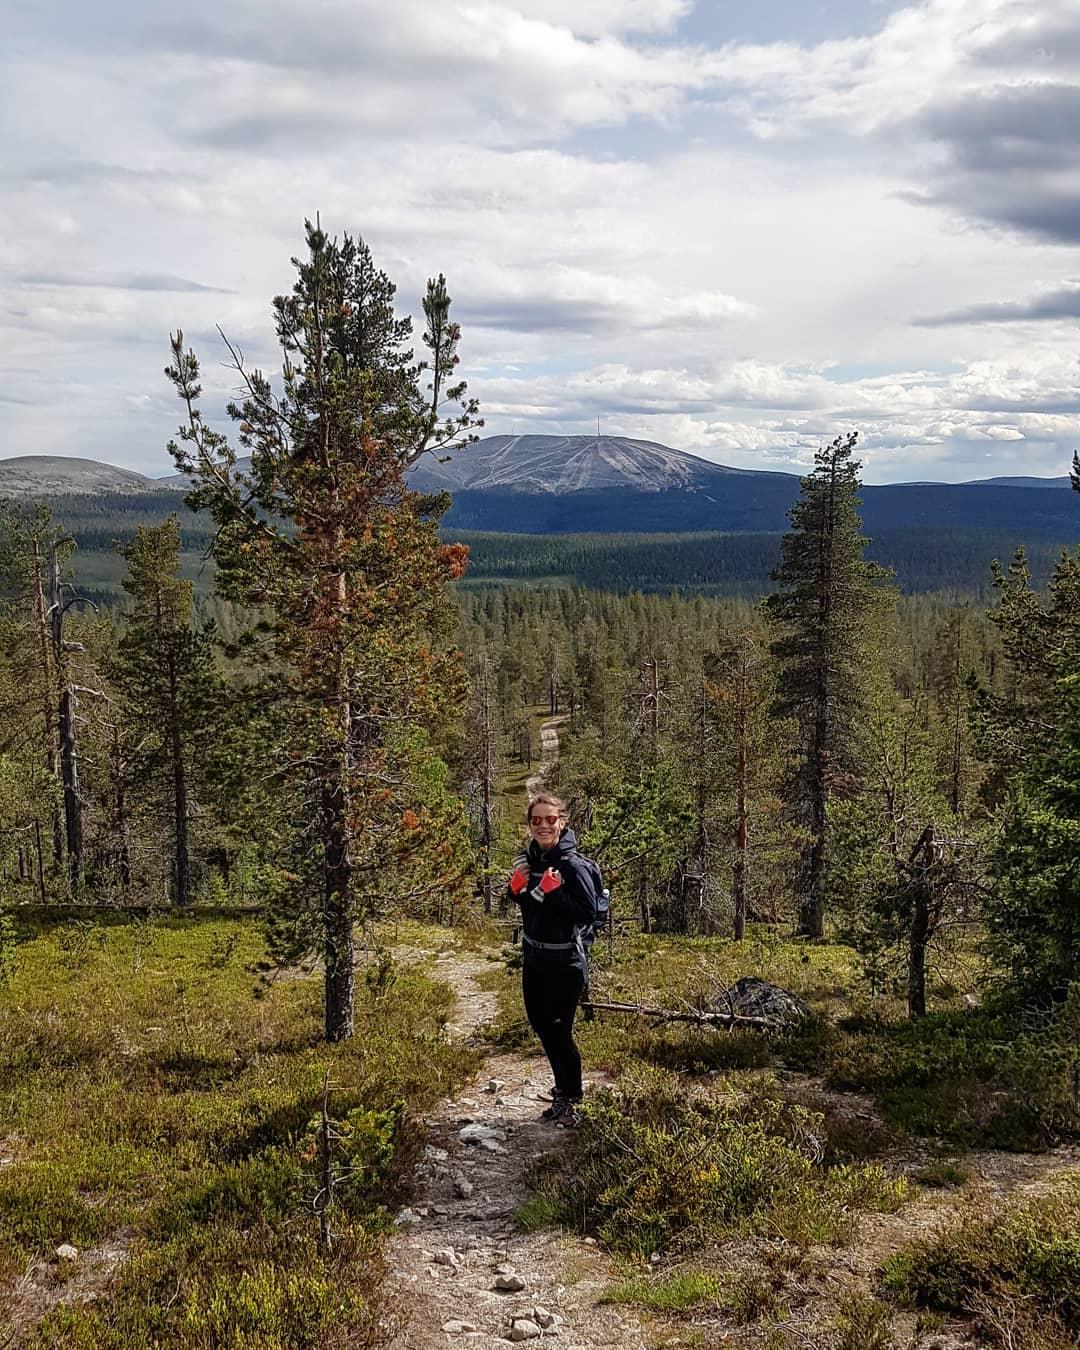 Minna ylläs Fell Lapland äkäslompolo FInland